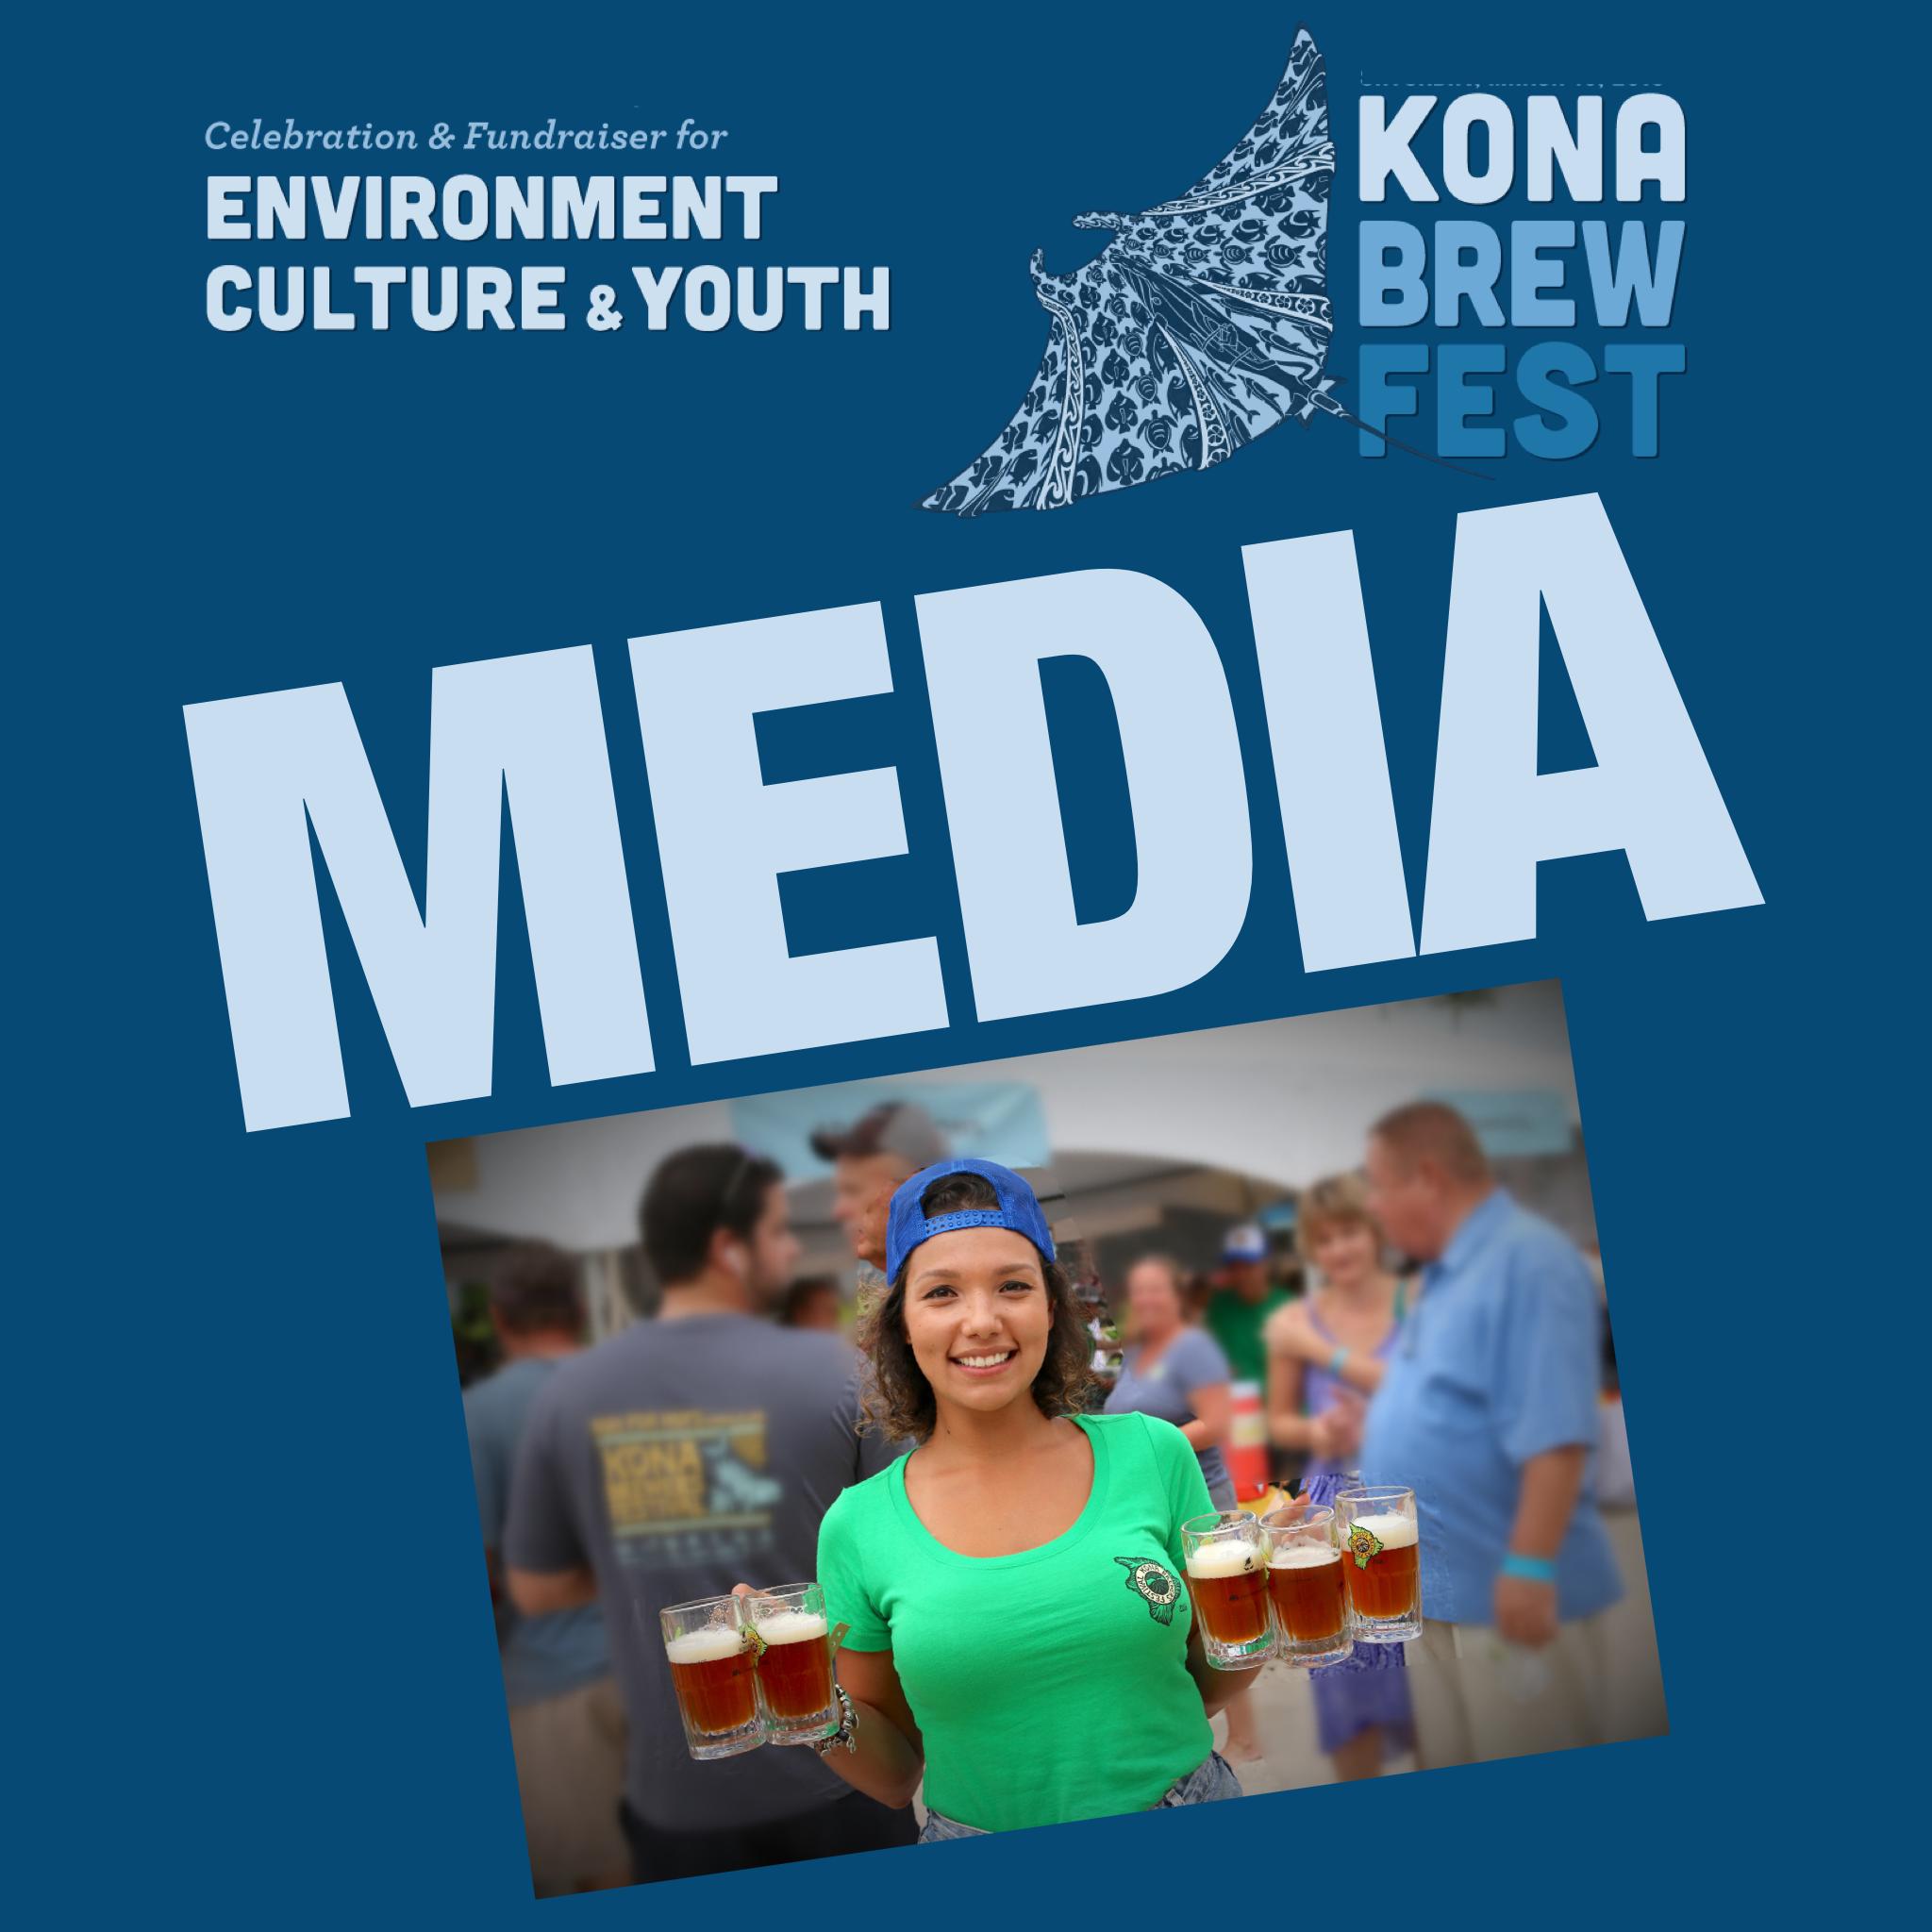 kona brewers brewery news konabrewfest beer evetns